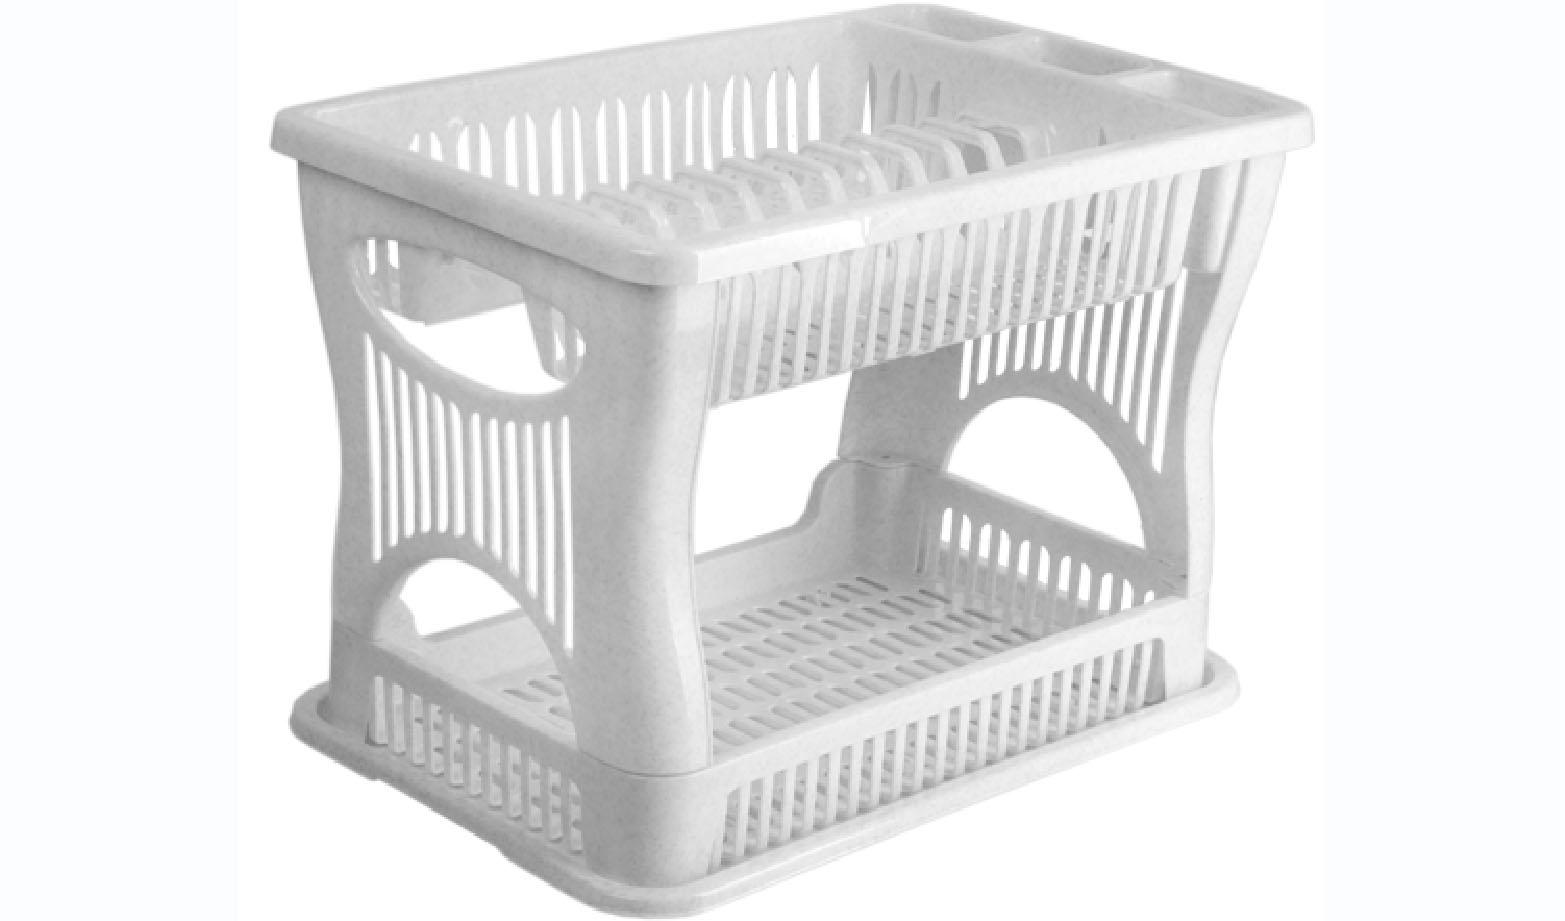 Сушилка для посуды Idea, 2-ярусная, цвет: мраморный, 42 х 27 х 30,5 см24827Двухъярусная сушилка Idea выполнена из прочного пластика и оснащена поддоном. Изделие комплектуется двумя ярусами: верхний ярус - для тарелок и столовых приборов, нижний ярус - для кружек, мисок и других предметов. Благодаря своей функциональности, сушилка для посуды Idea займет достойное место на вашей кухне и будет очень полезна любой хозяйке. Стильный, современный и лаконичный дизайн сделает сушилку прекрасным дополнением интерьера вашей кухни. Сушилку для посуды можете установить в любом удобном месте. Компактные размеры и оригинальный дизайн выделяют сушилку из ряда подобных.Общий размер сушилки: 42 х 27 х 30,5 см.